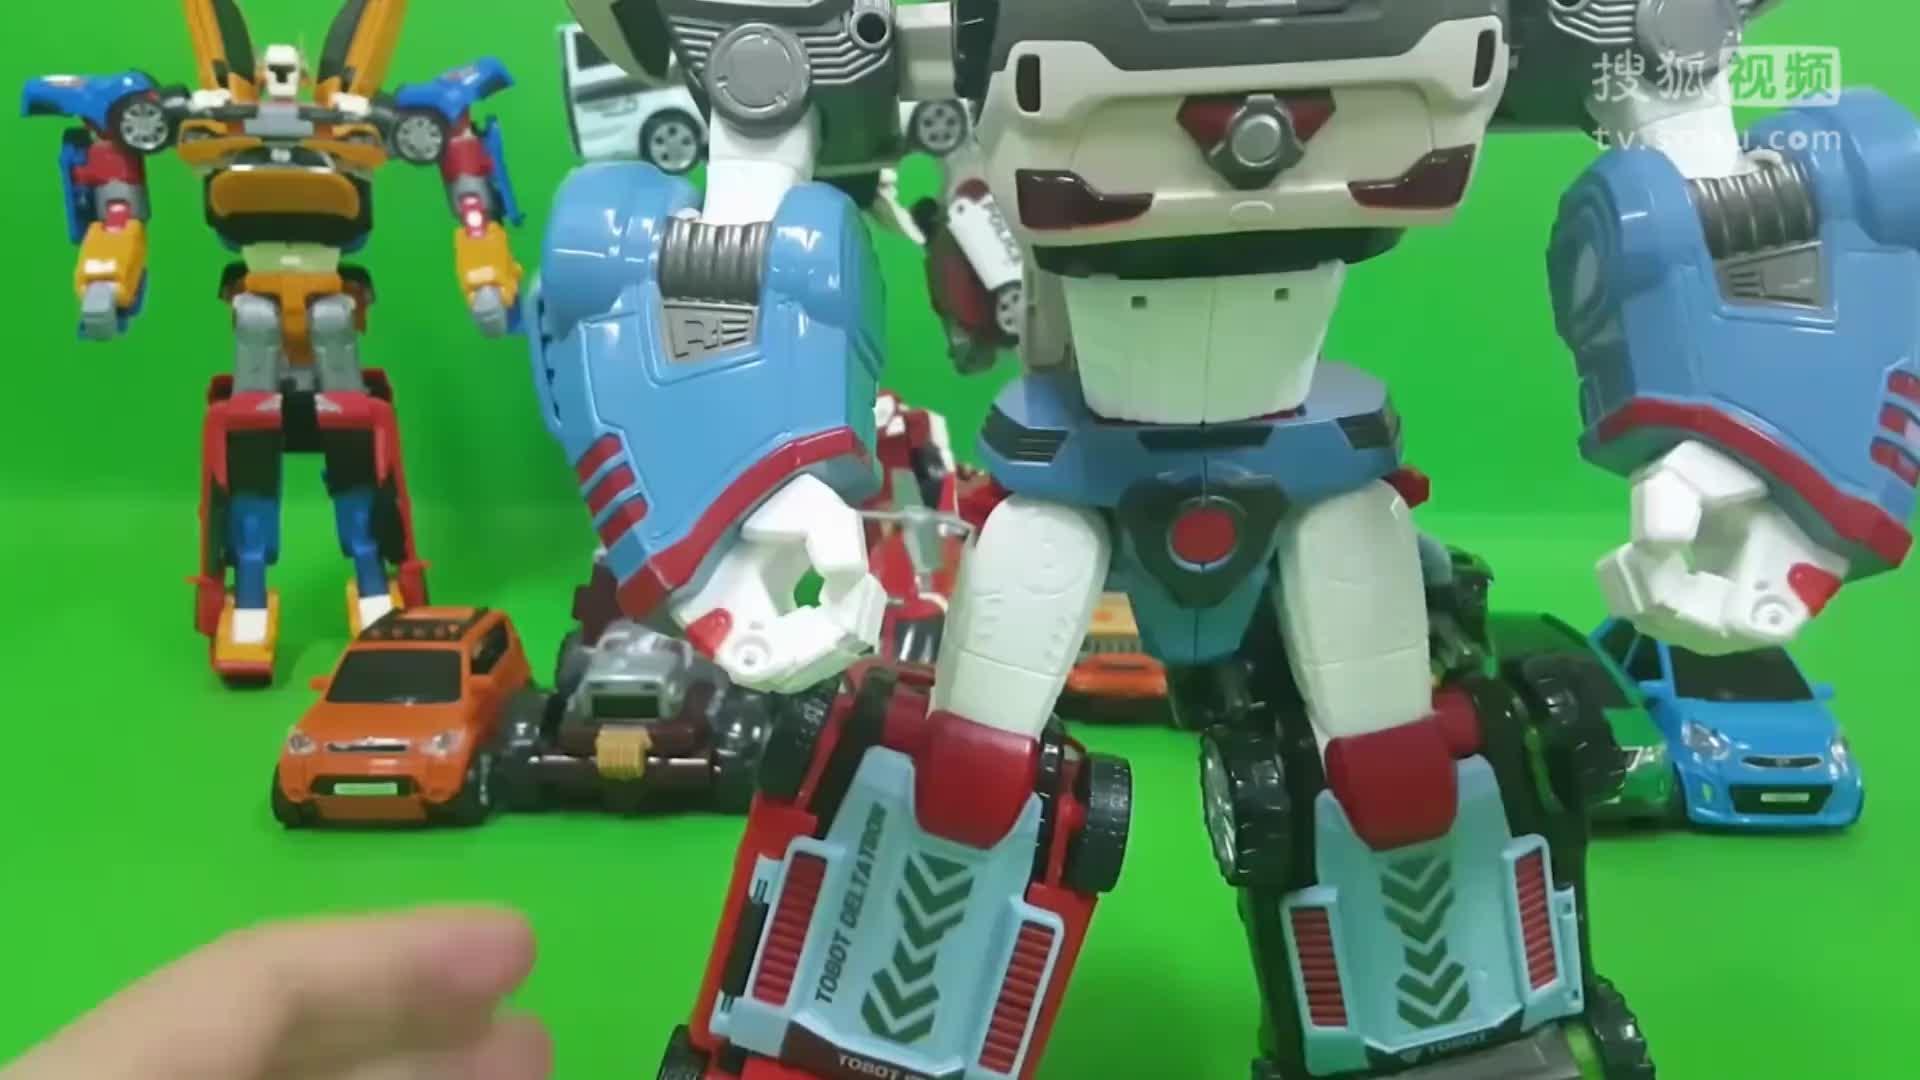 汽车总动员工程车变形金刚飞机总动员玩具视频大全